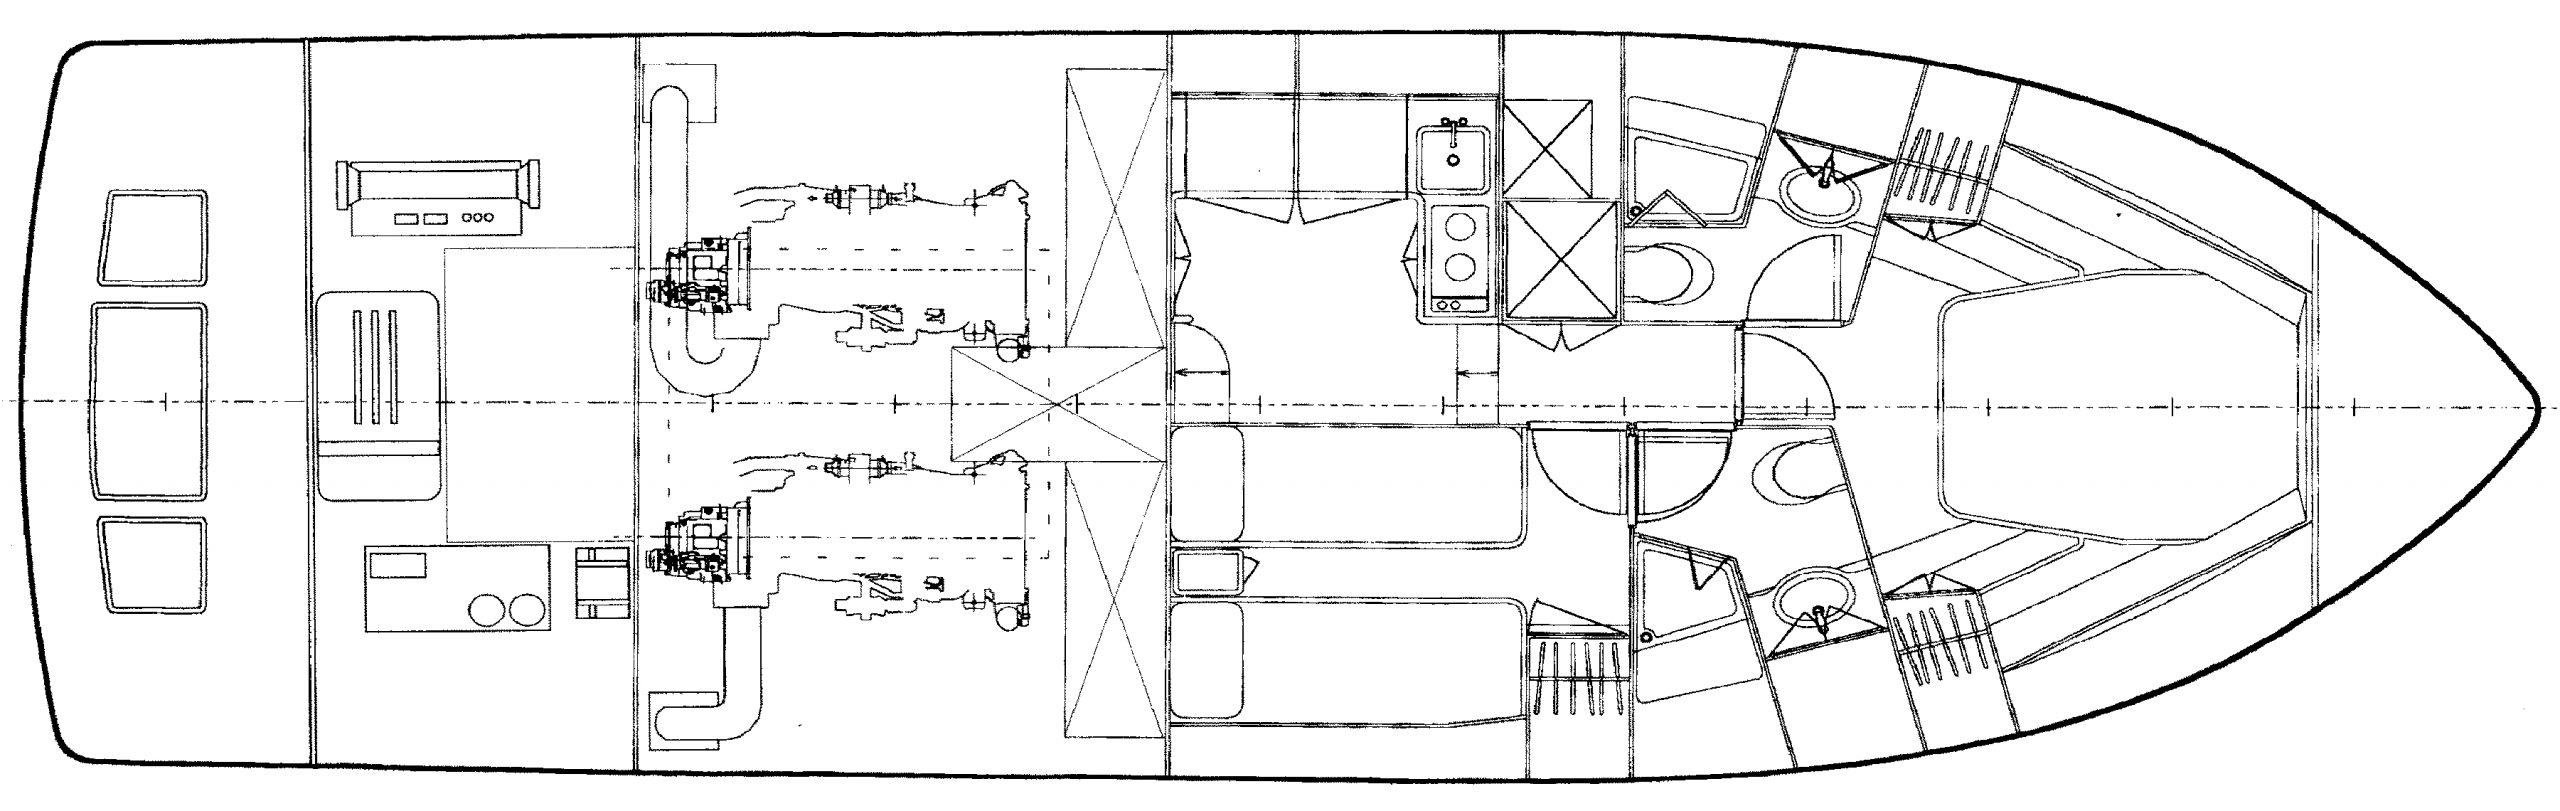 450 Convertible Floor Plan 2